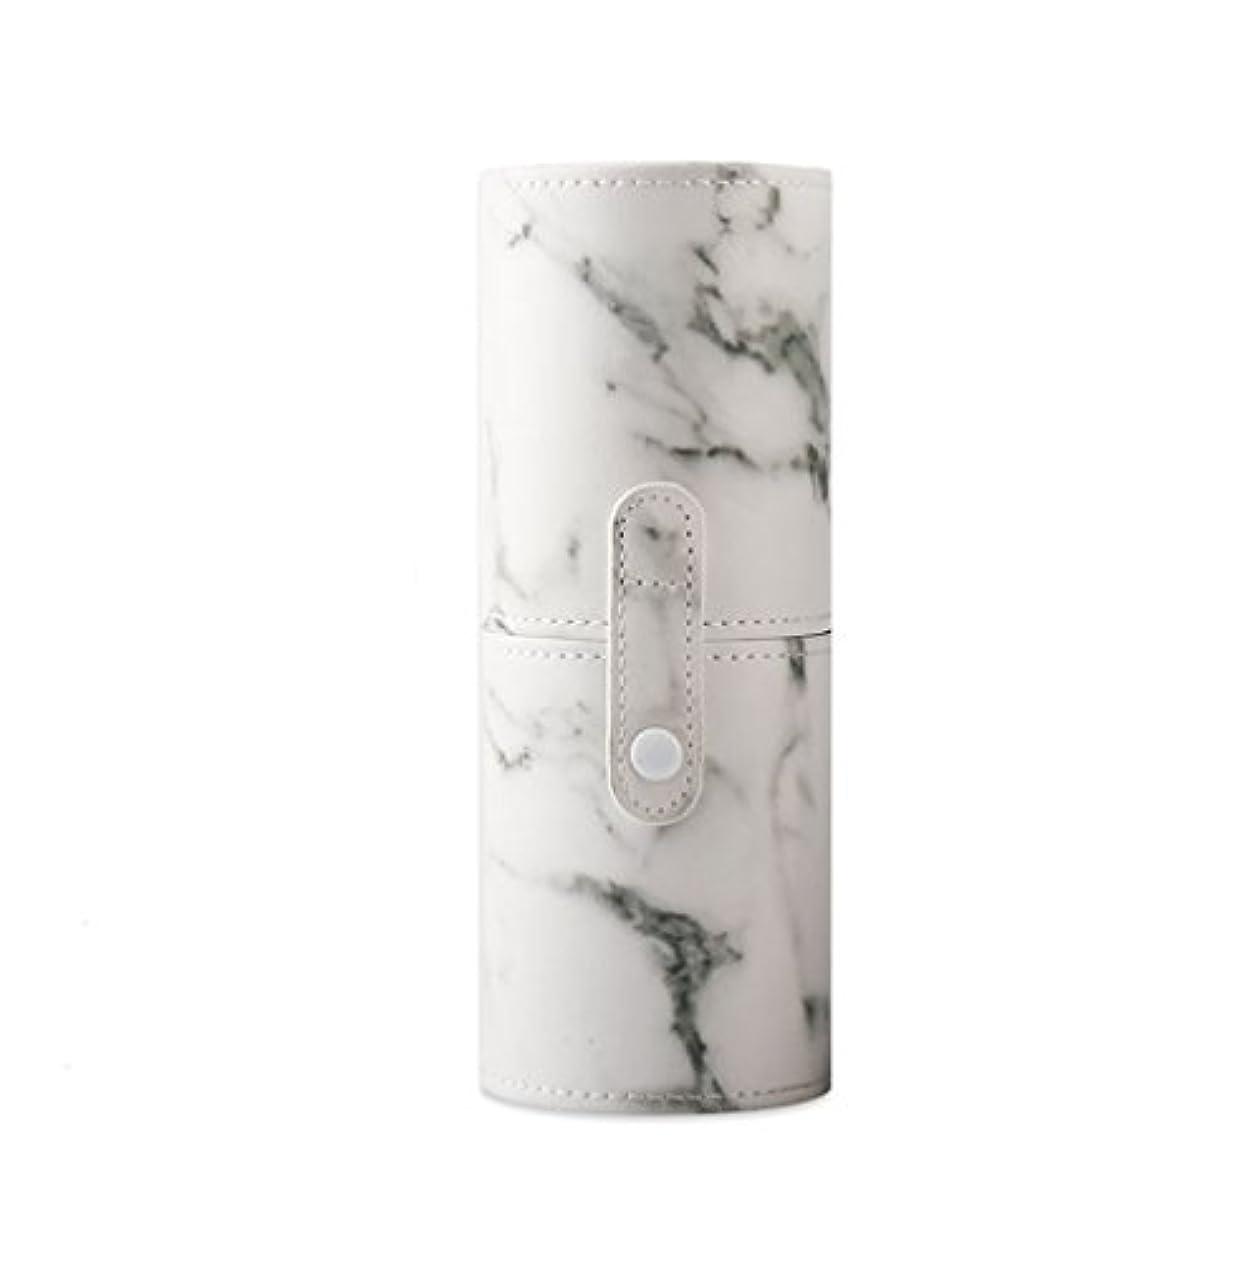 遅滞低い適応KINGZUO メイクブラシホルダー 専用収納 コスメケース ボックス 文具ケース PUレザー 旅行 小物収納 携帯便利 化粧カップ  約12本収納